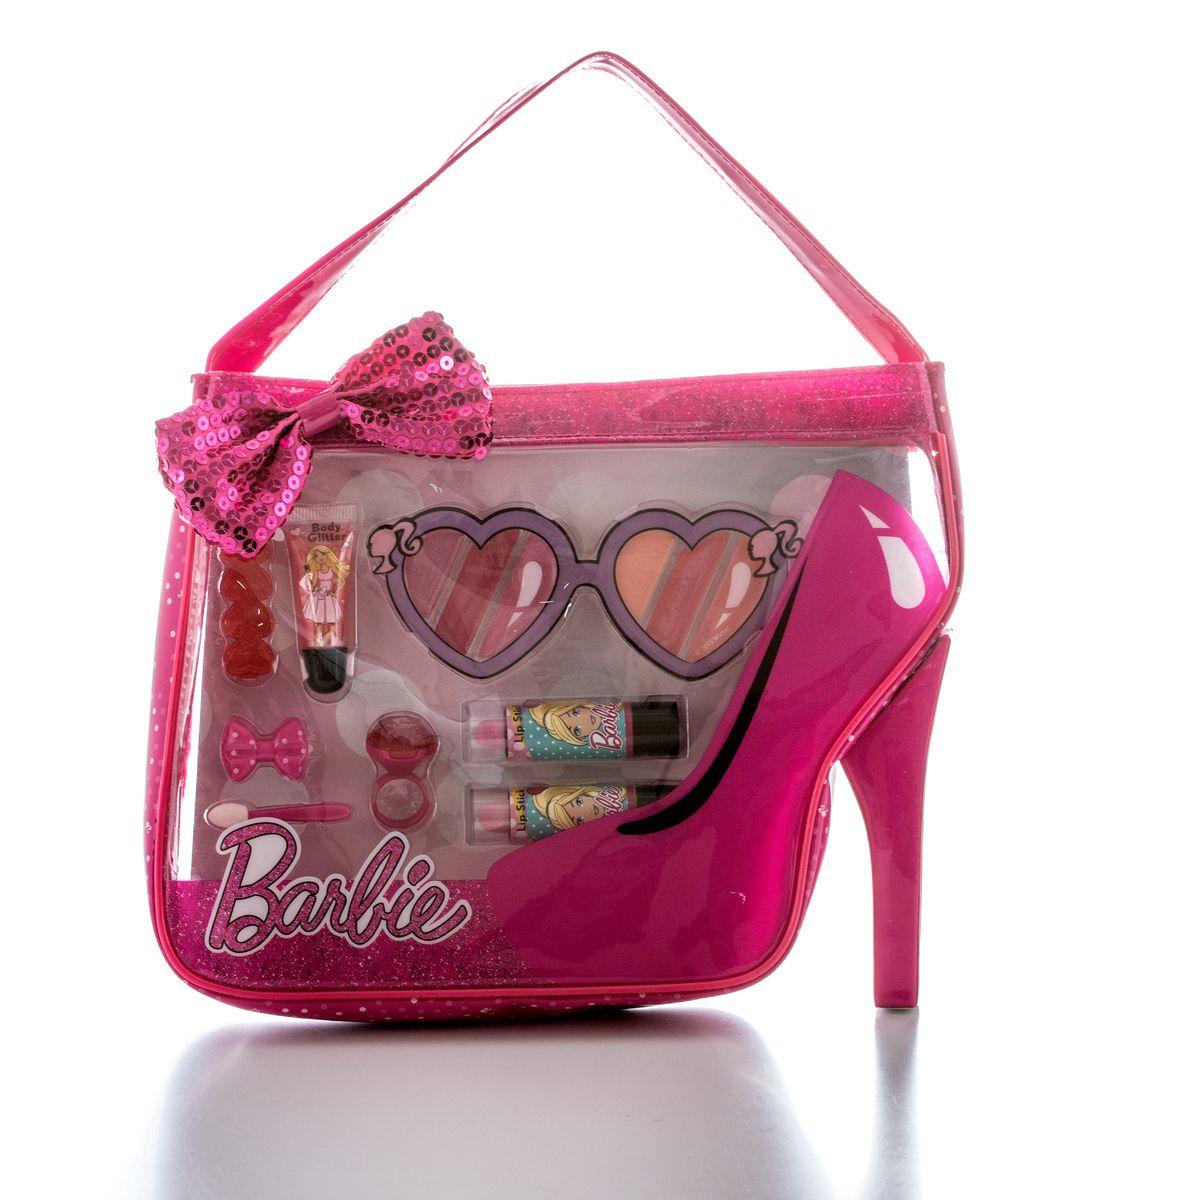 Markwins Игровой набор детской декоративной косметики Barbie в сумочке9600951Косметика на водной основе легко наносится и смывается, она совершенно безопасна для детской кожи. Детская косметика Markwins создана с соблюдением самых высоких европейских стандартов безопасности. Продукция не содержит парабенов, метилизотиазолинона, пальмового масла.Предназначена для детей от 7 лет. В комплекте: блеск для губ в тубе, губные помады в футлярах 2 шт, блеск для губ в колечке, палитра блесков для губ из 6 оттенков, заколочки для волос 2 шт, аппликатор, сумочка.Несмотря на высокое качество продукции и ее общую гипоаллергенность, производитель рекомендует проверить индивидуальную реакцию на косметику перед ее использованием. Просто нанесите на кожу немного косметики и подержите 30-60 минут. Если на коже появится покраснение, следует прекратить использование продукции. Эта аллергическая реакция проявляется очень редко и зависит от индивидуальных особенностей организма.